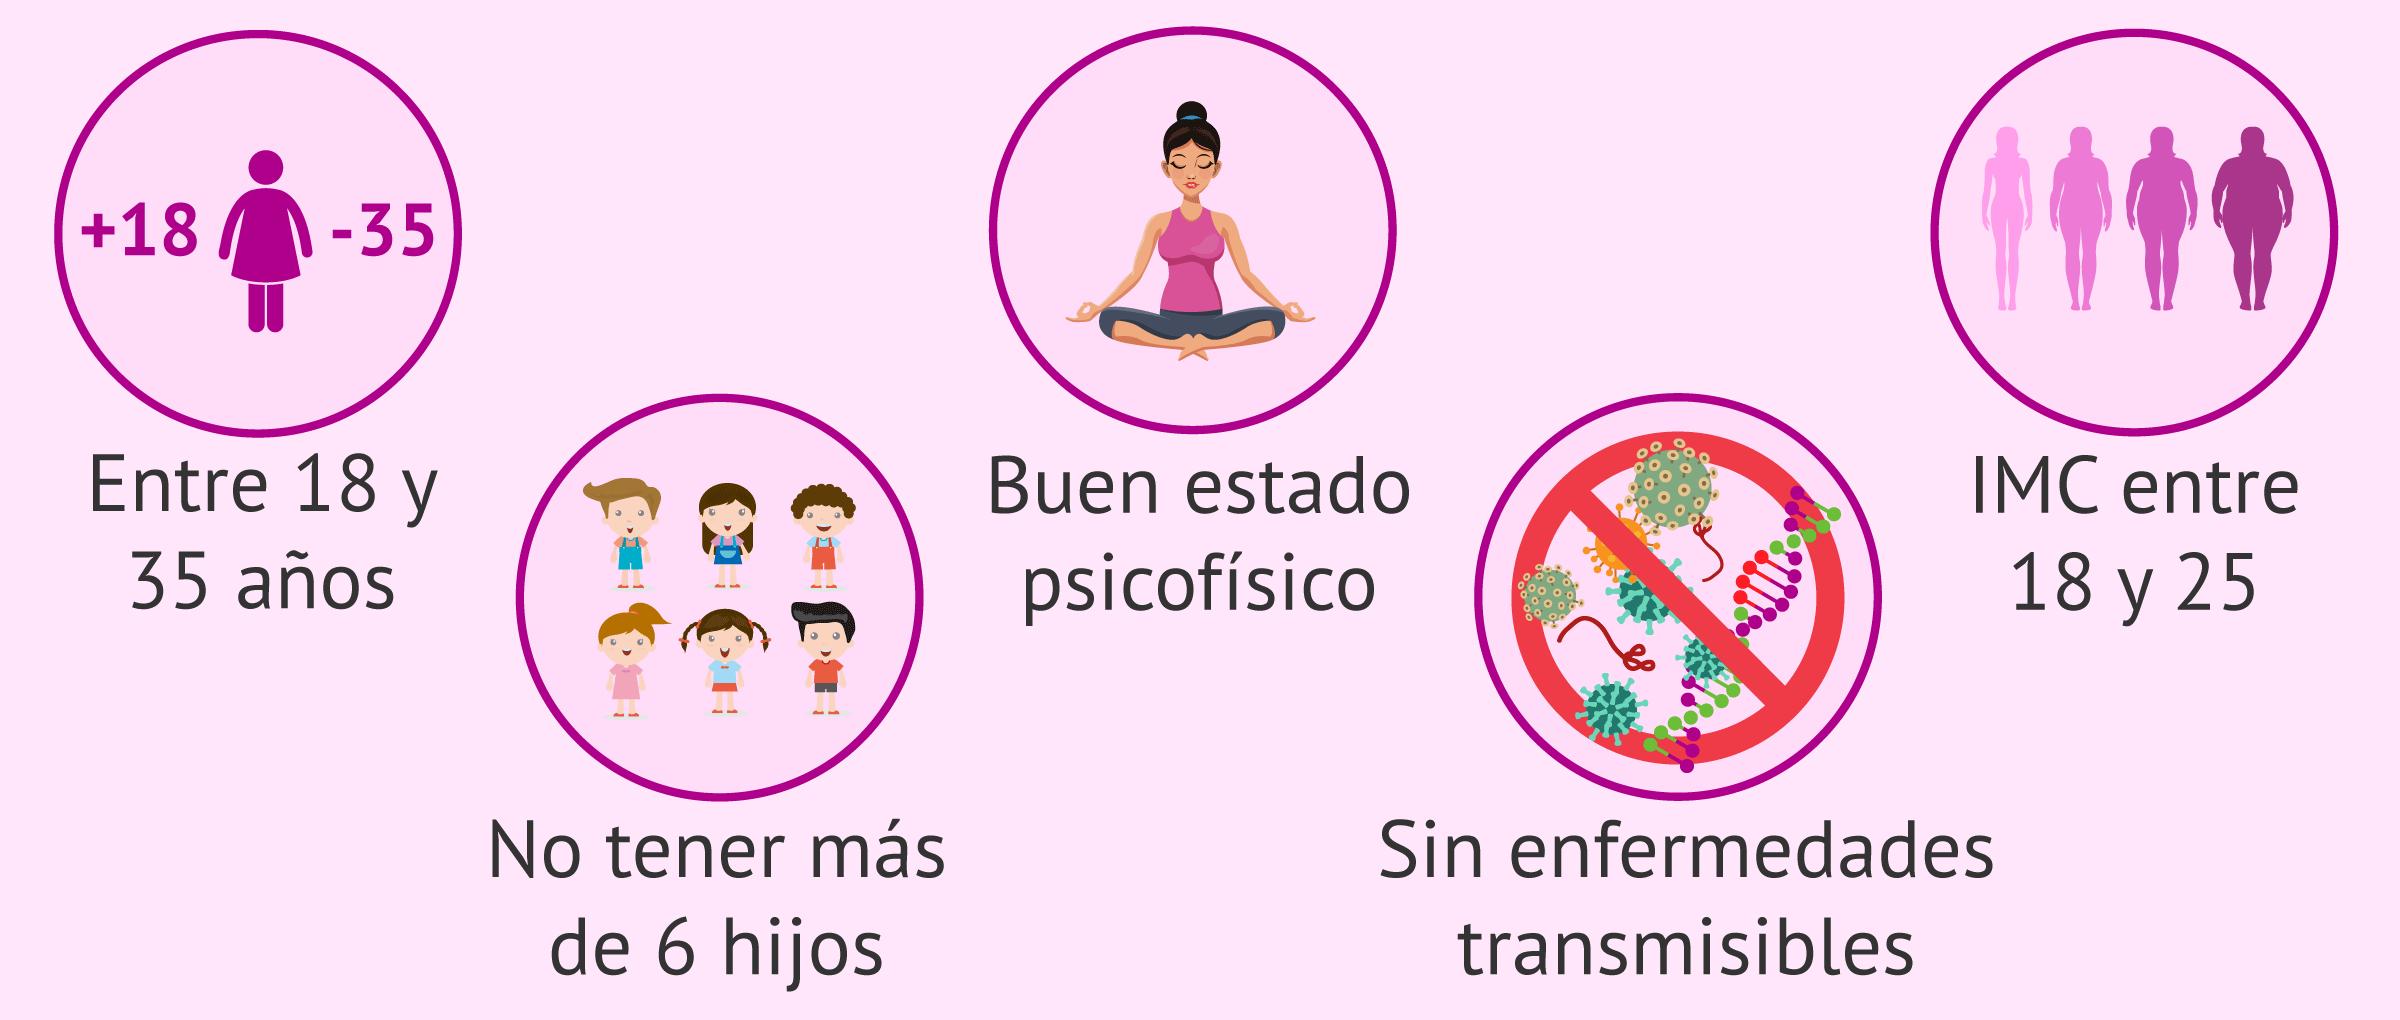 Requisitos para la donación de óvulos